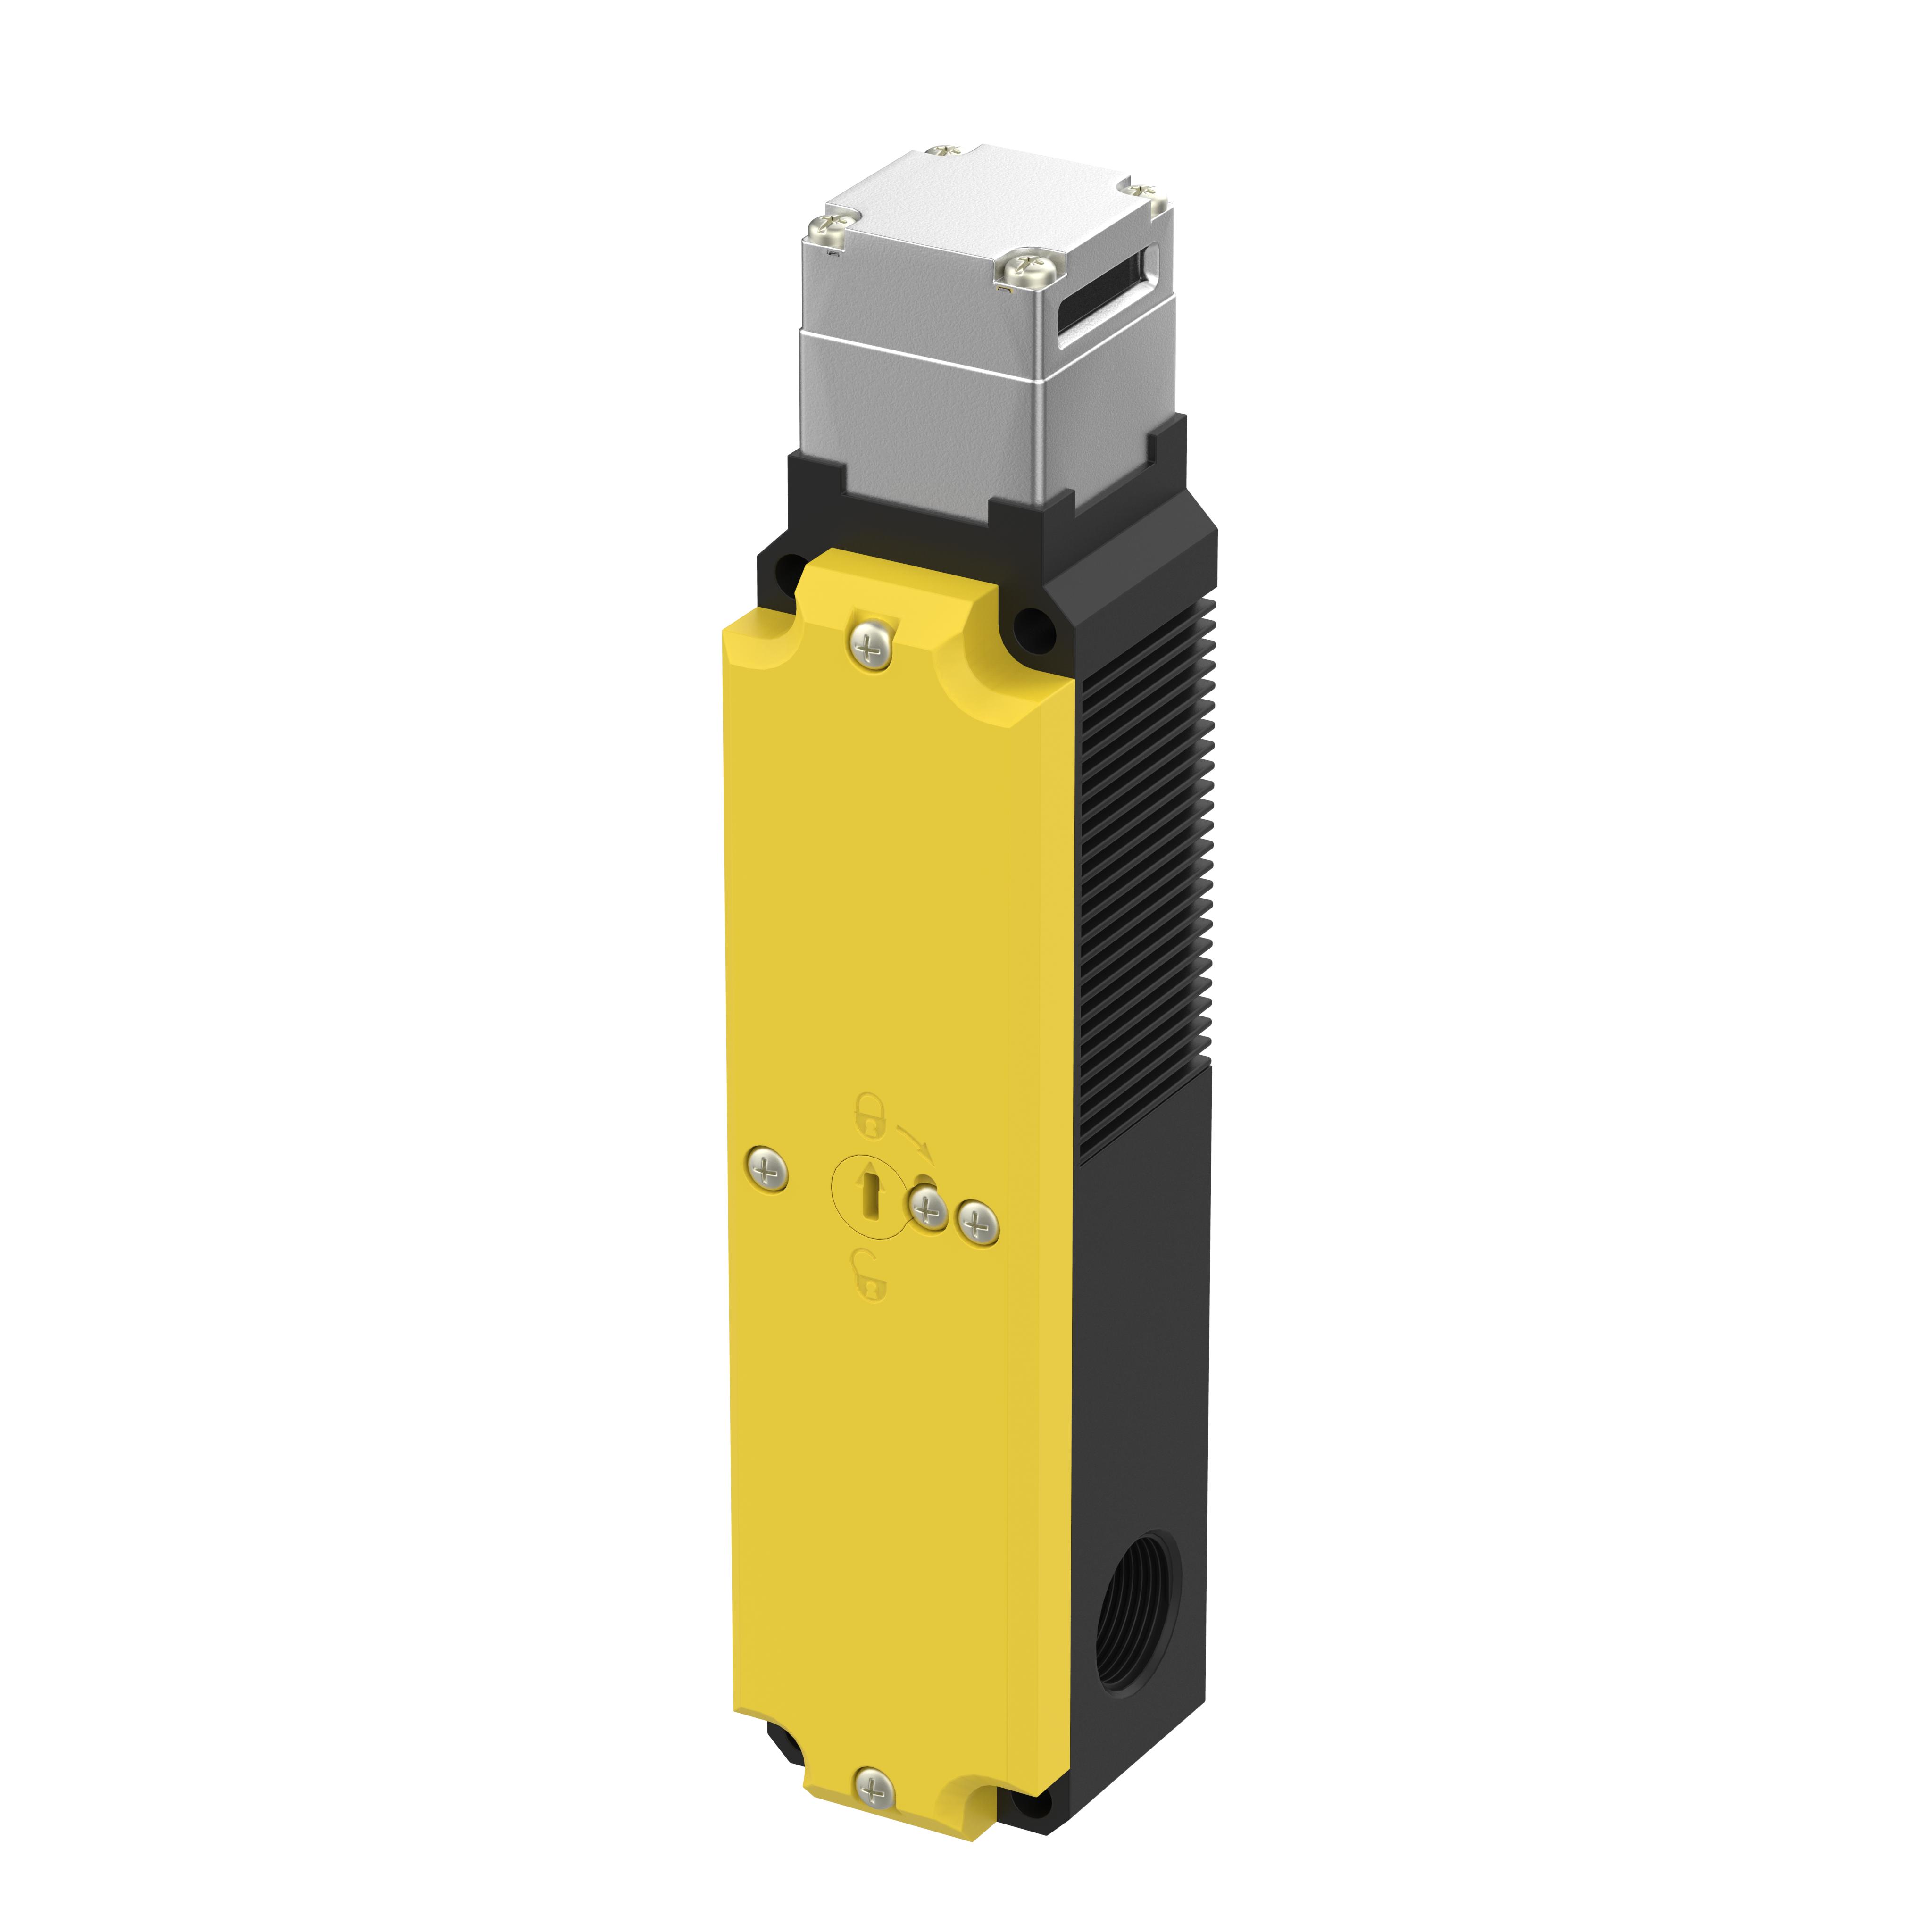 Sicherheitszuhaltung - ZSR1121R - Türverriegelung mit Zuhaltung